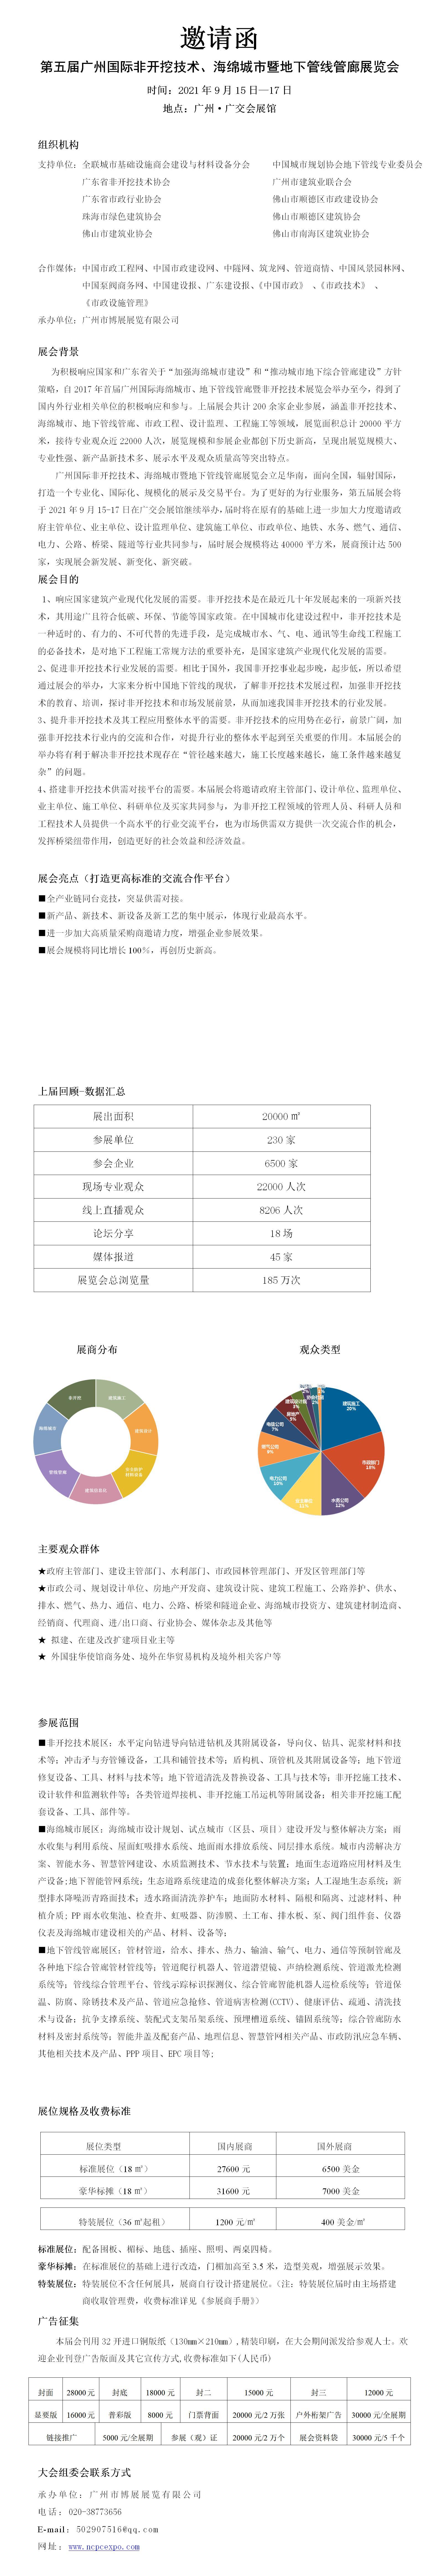 第五届广州国际海绵城市、地下管线管廊暨非开挖技术展览会(2).jpg